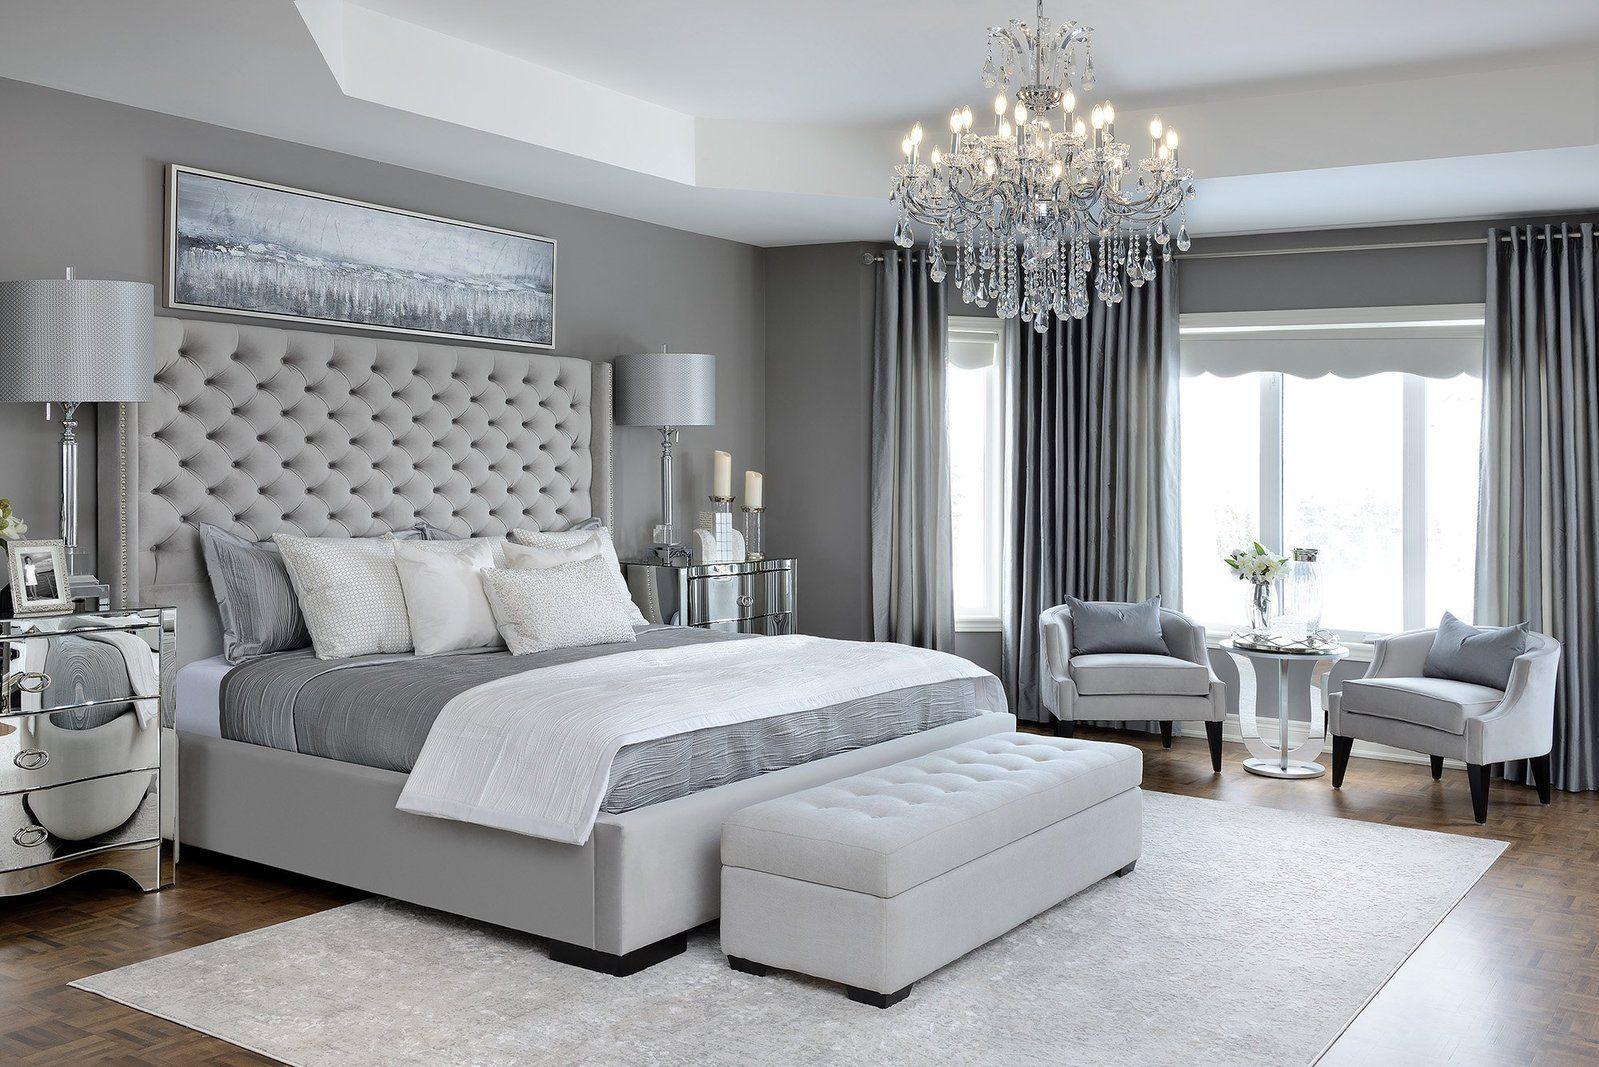 Phòng ngủ màu xám trắng và đèn chùm sang trọng